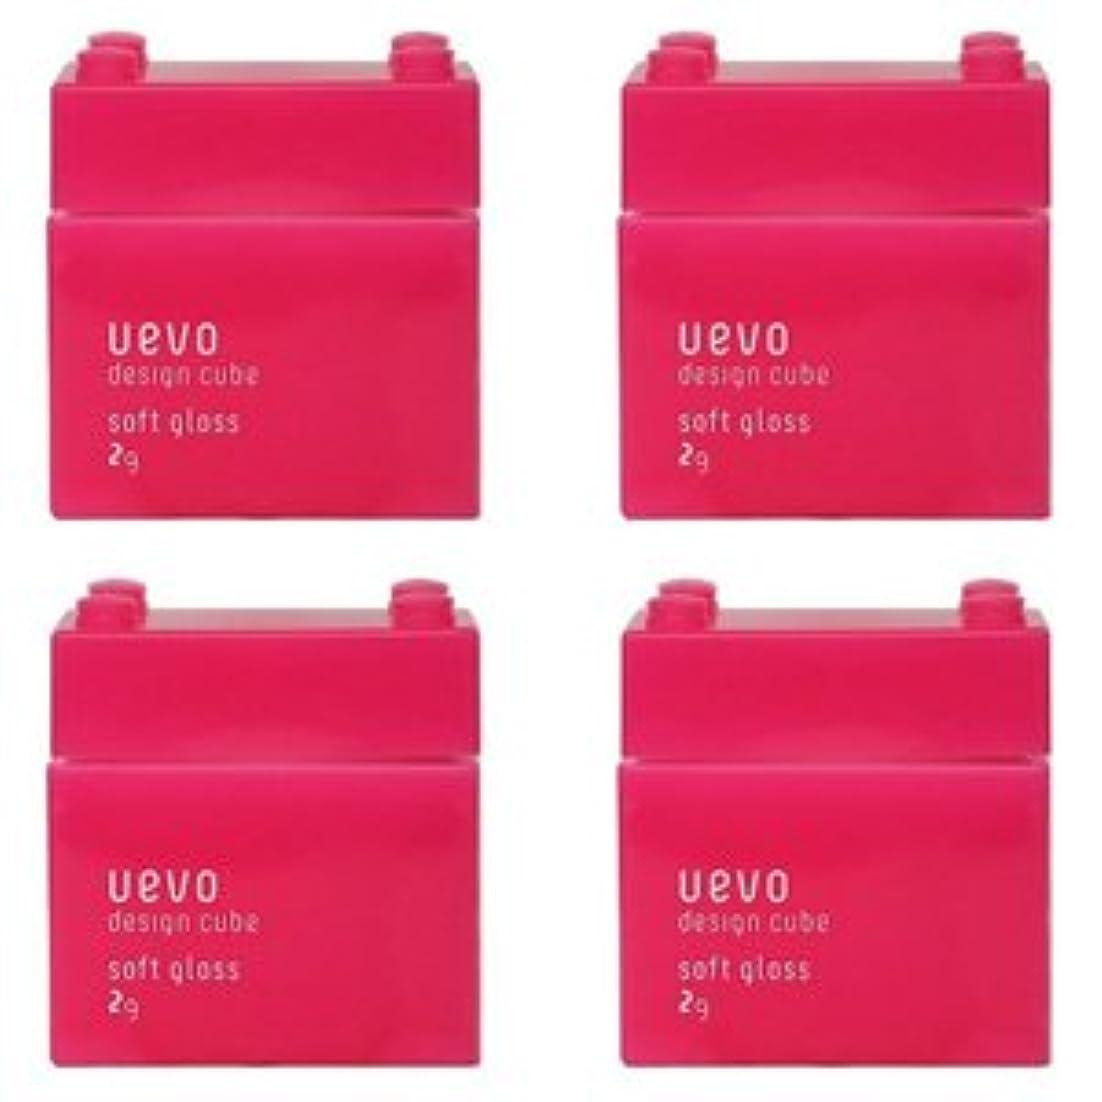 水平リビジョンカスケード【X4個セット】 デミ ウェーボ デザインキューブ ソフトグロス 80g soft gloss DEMI uevo design cube